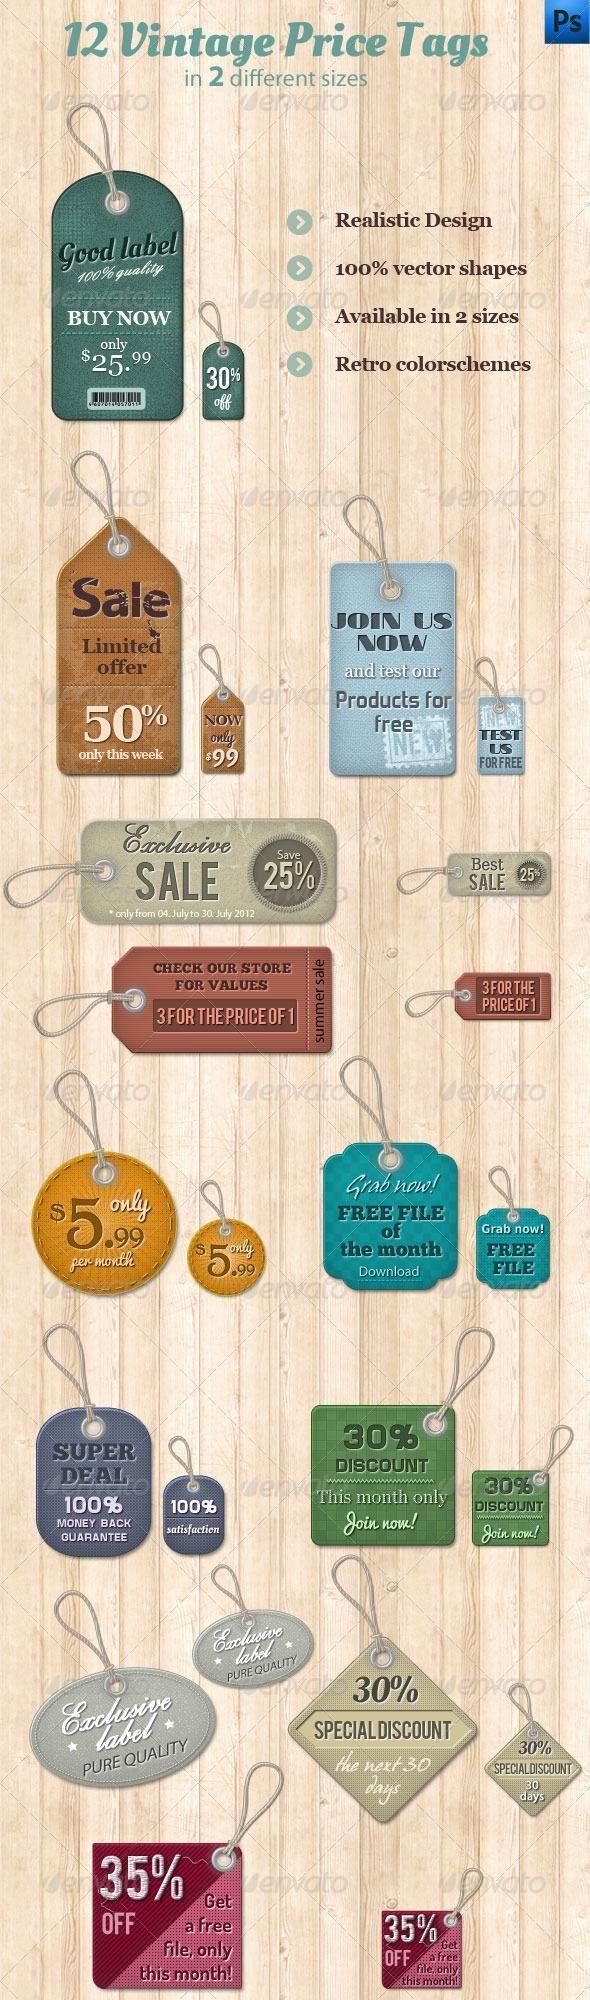 Price tag template free printable blank price tag template free - Vintage Price Tags Psd Premium